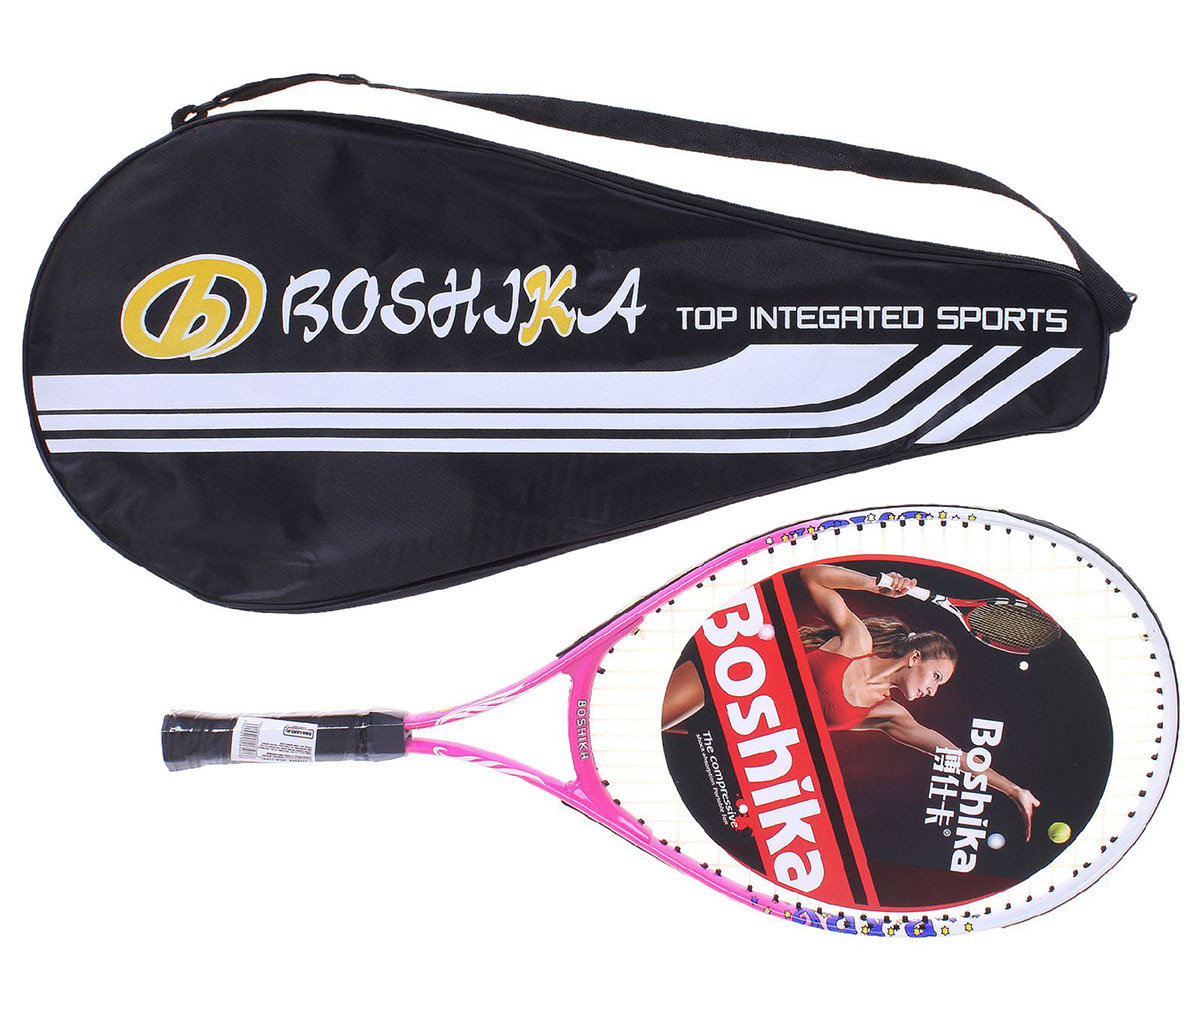 Ракетка для большого тенниса детская Boshika, 1526566, розовый, в чехле